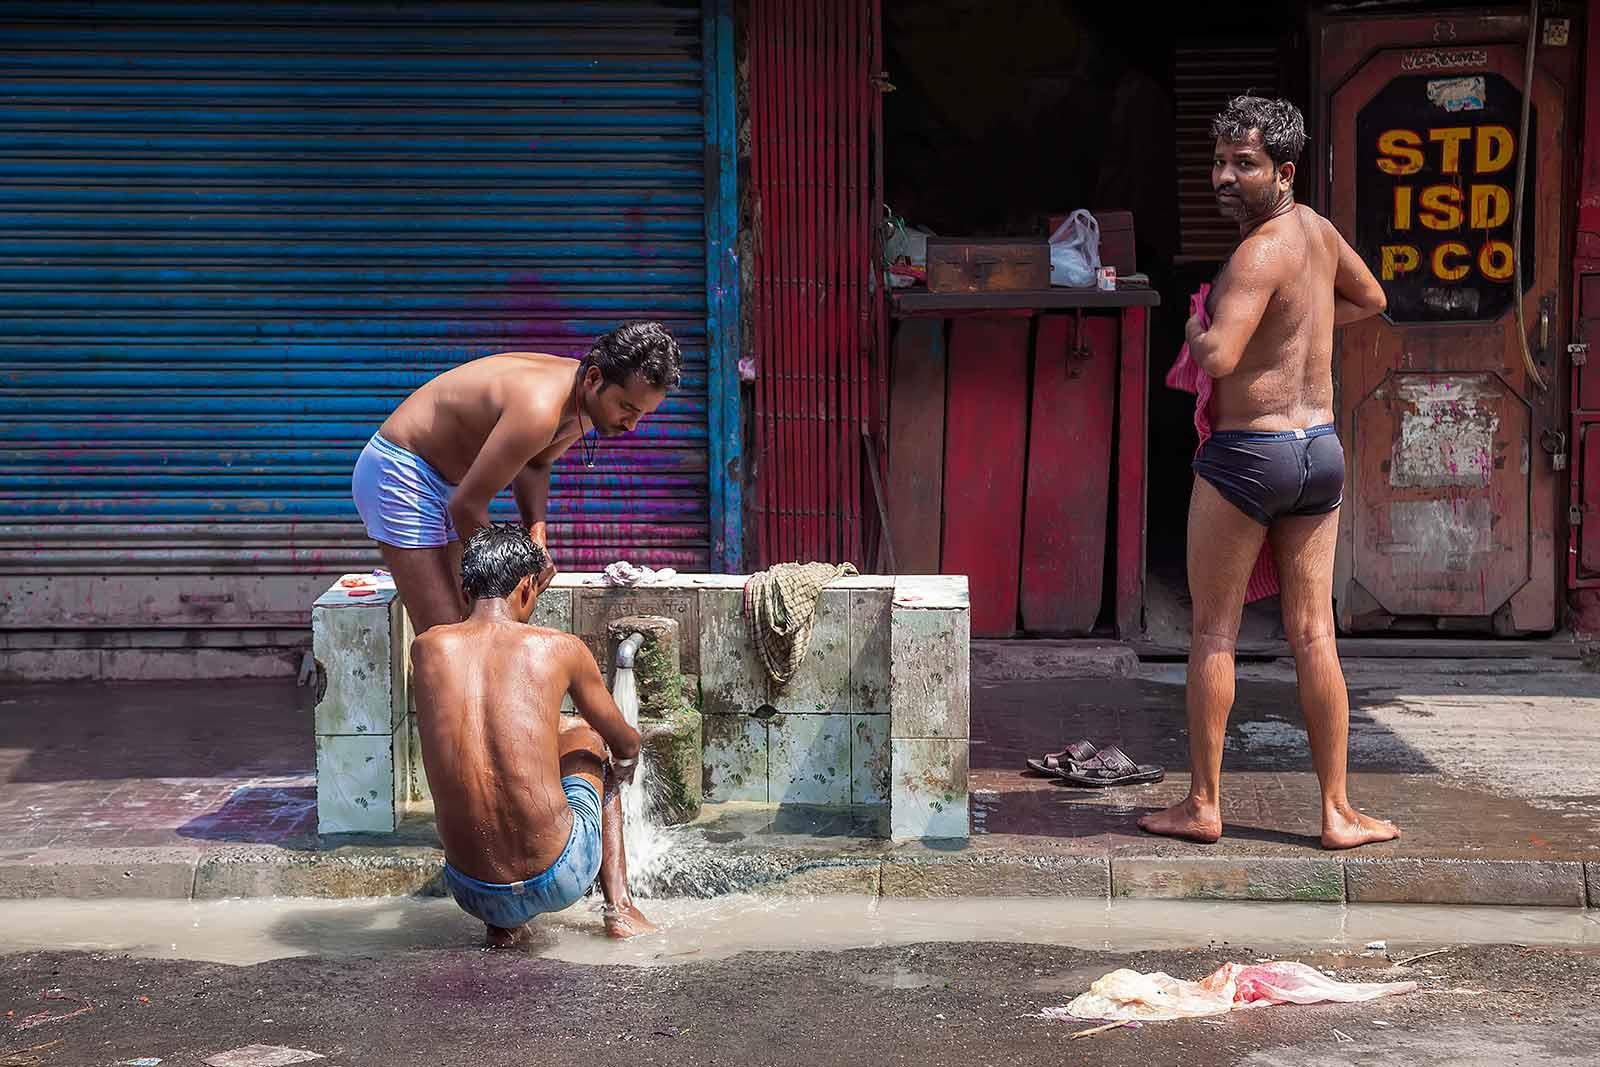 men-washing-streets-kolkata-west-bengal-india